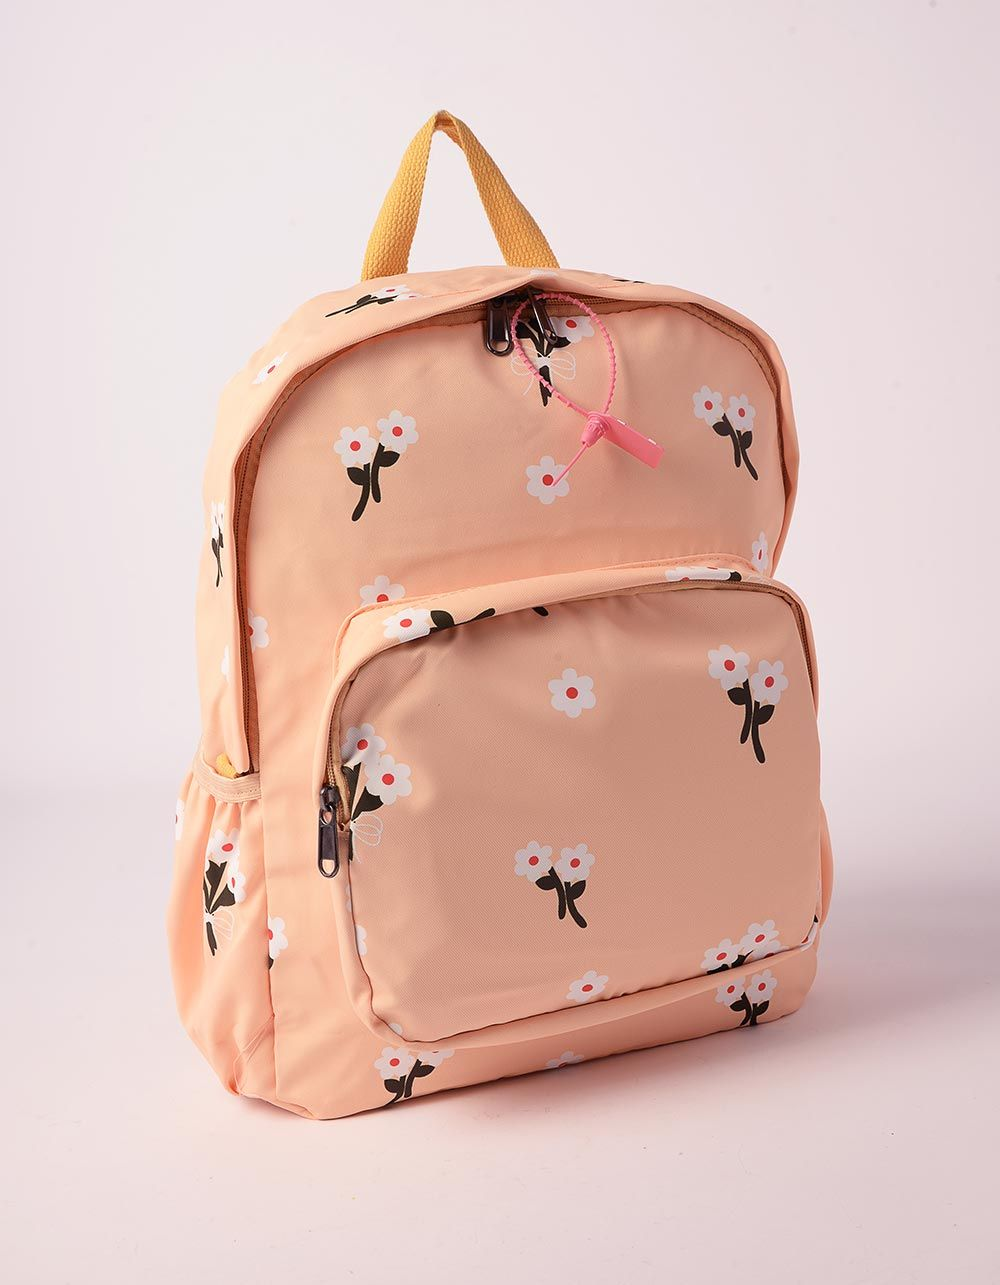 Рюкзак із тканини з принтом фруктів та квітів | 239348-19-XX